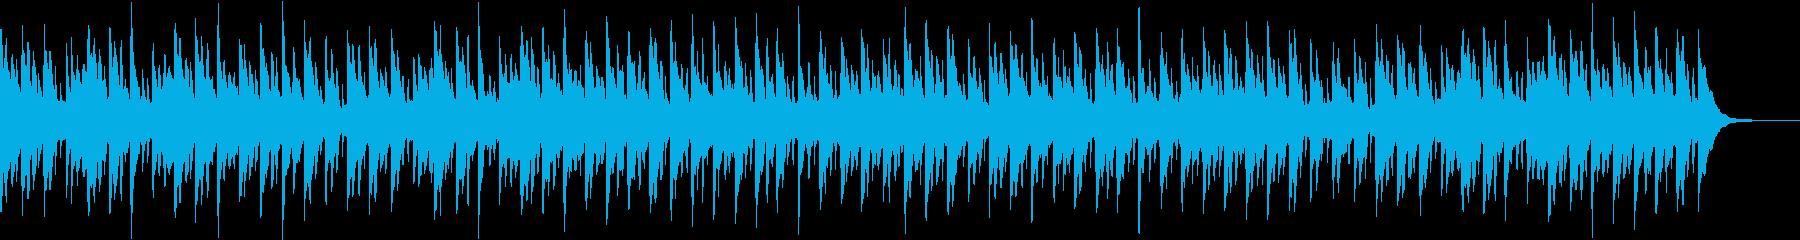 癒し系のオルゴール風BGMの再生済みの波形